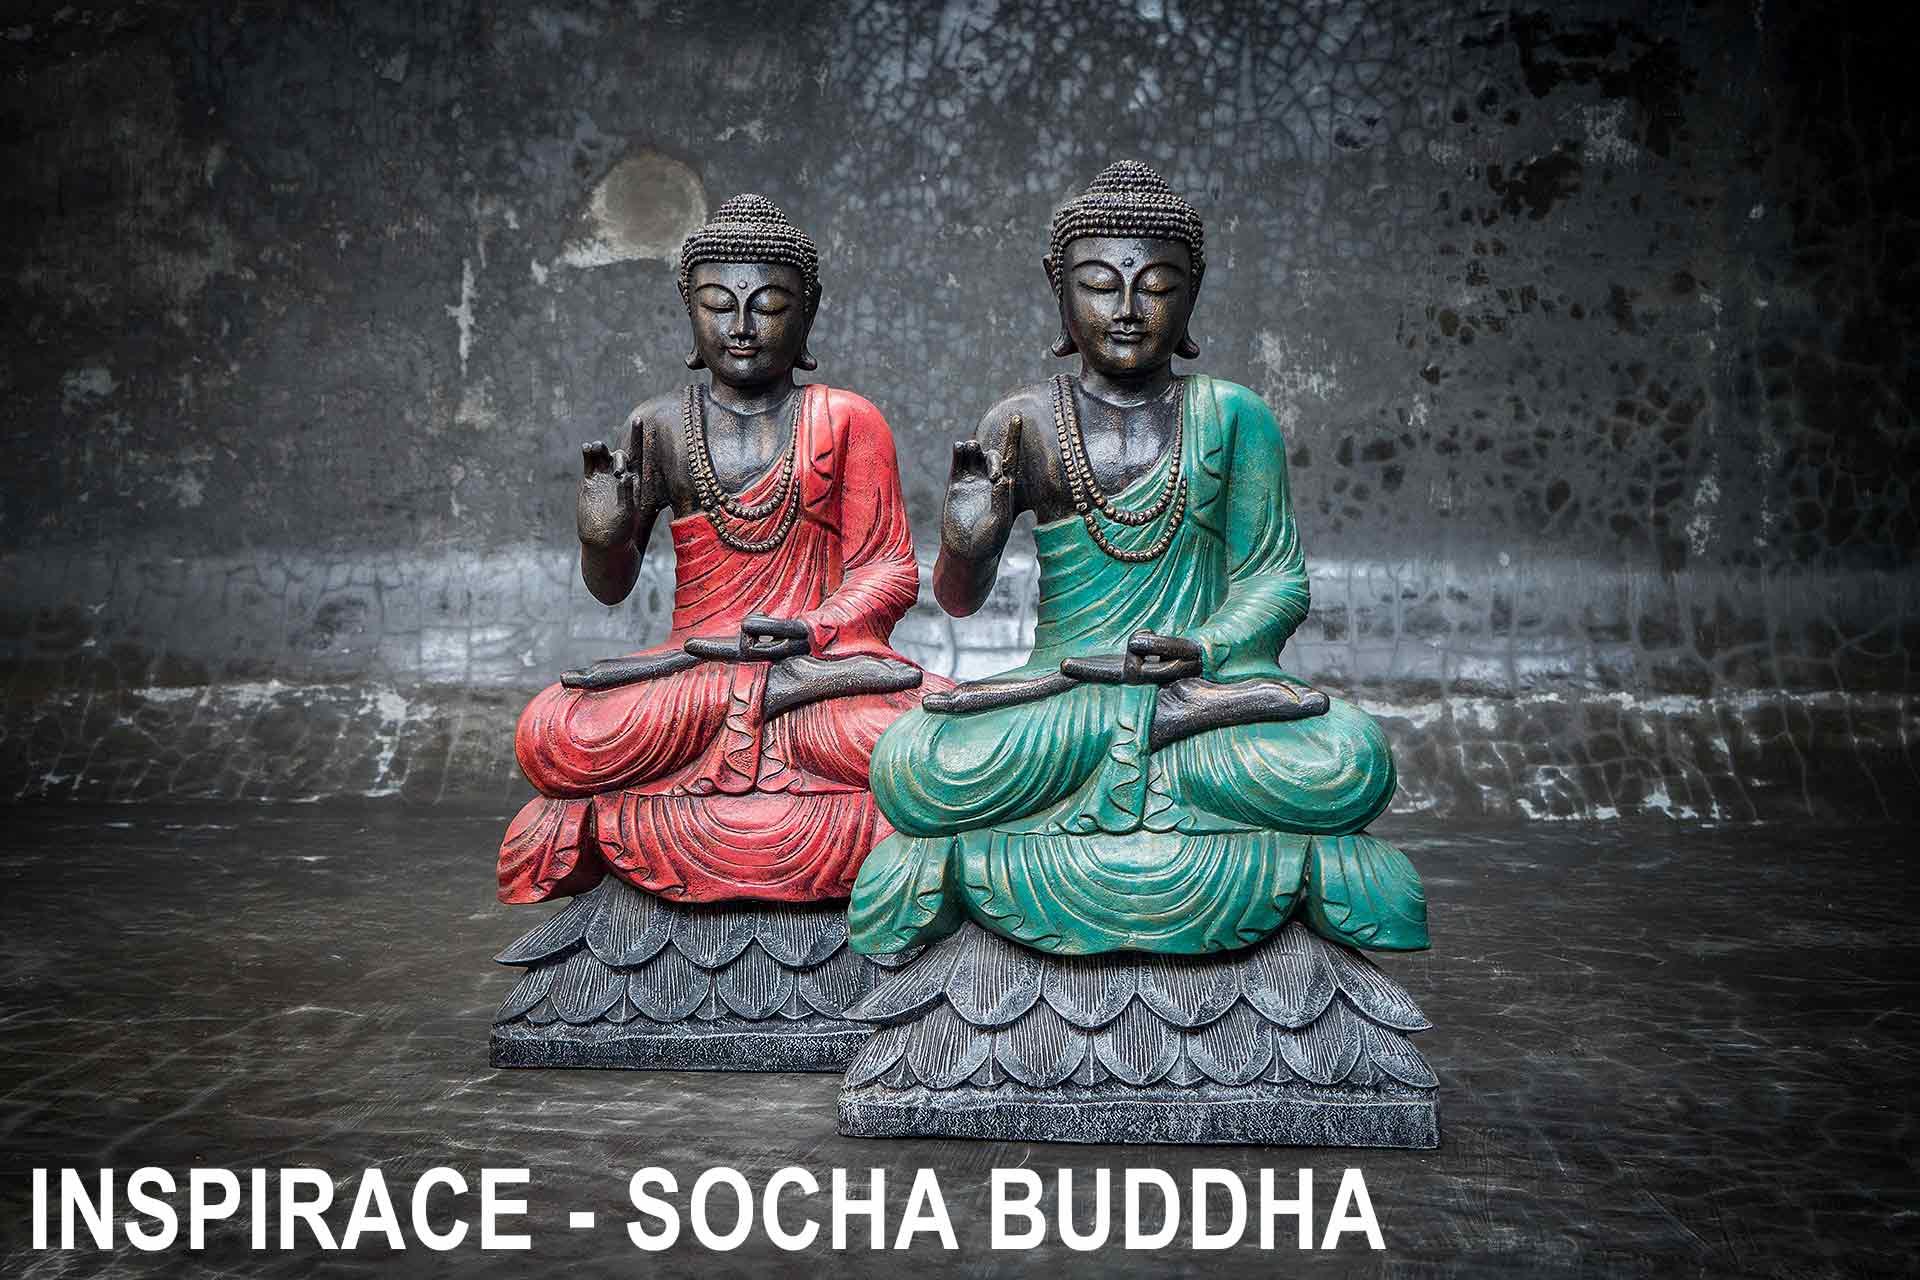 inspirace socha buddha